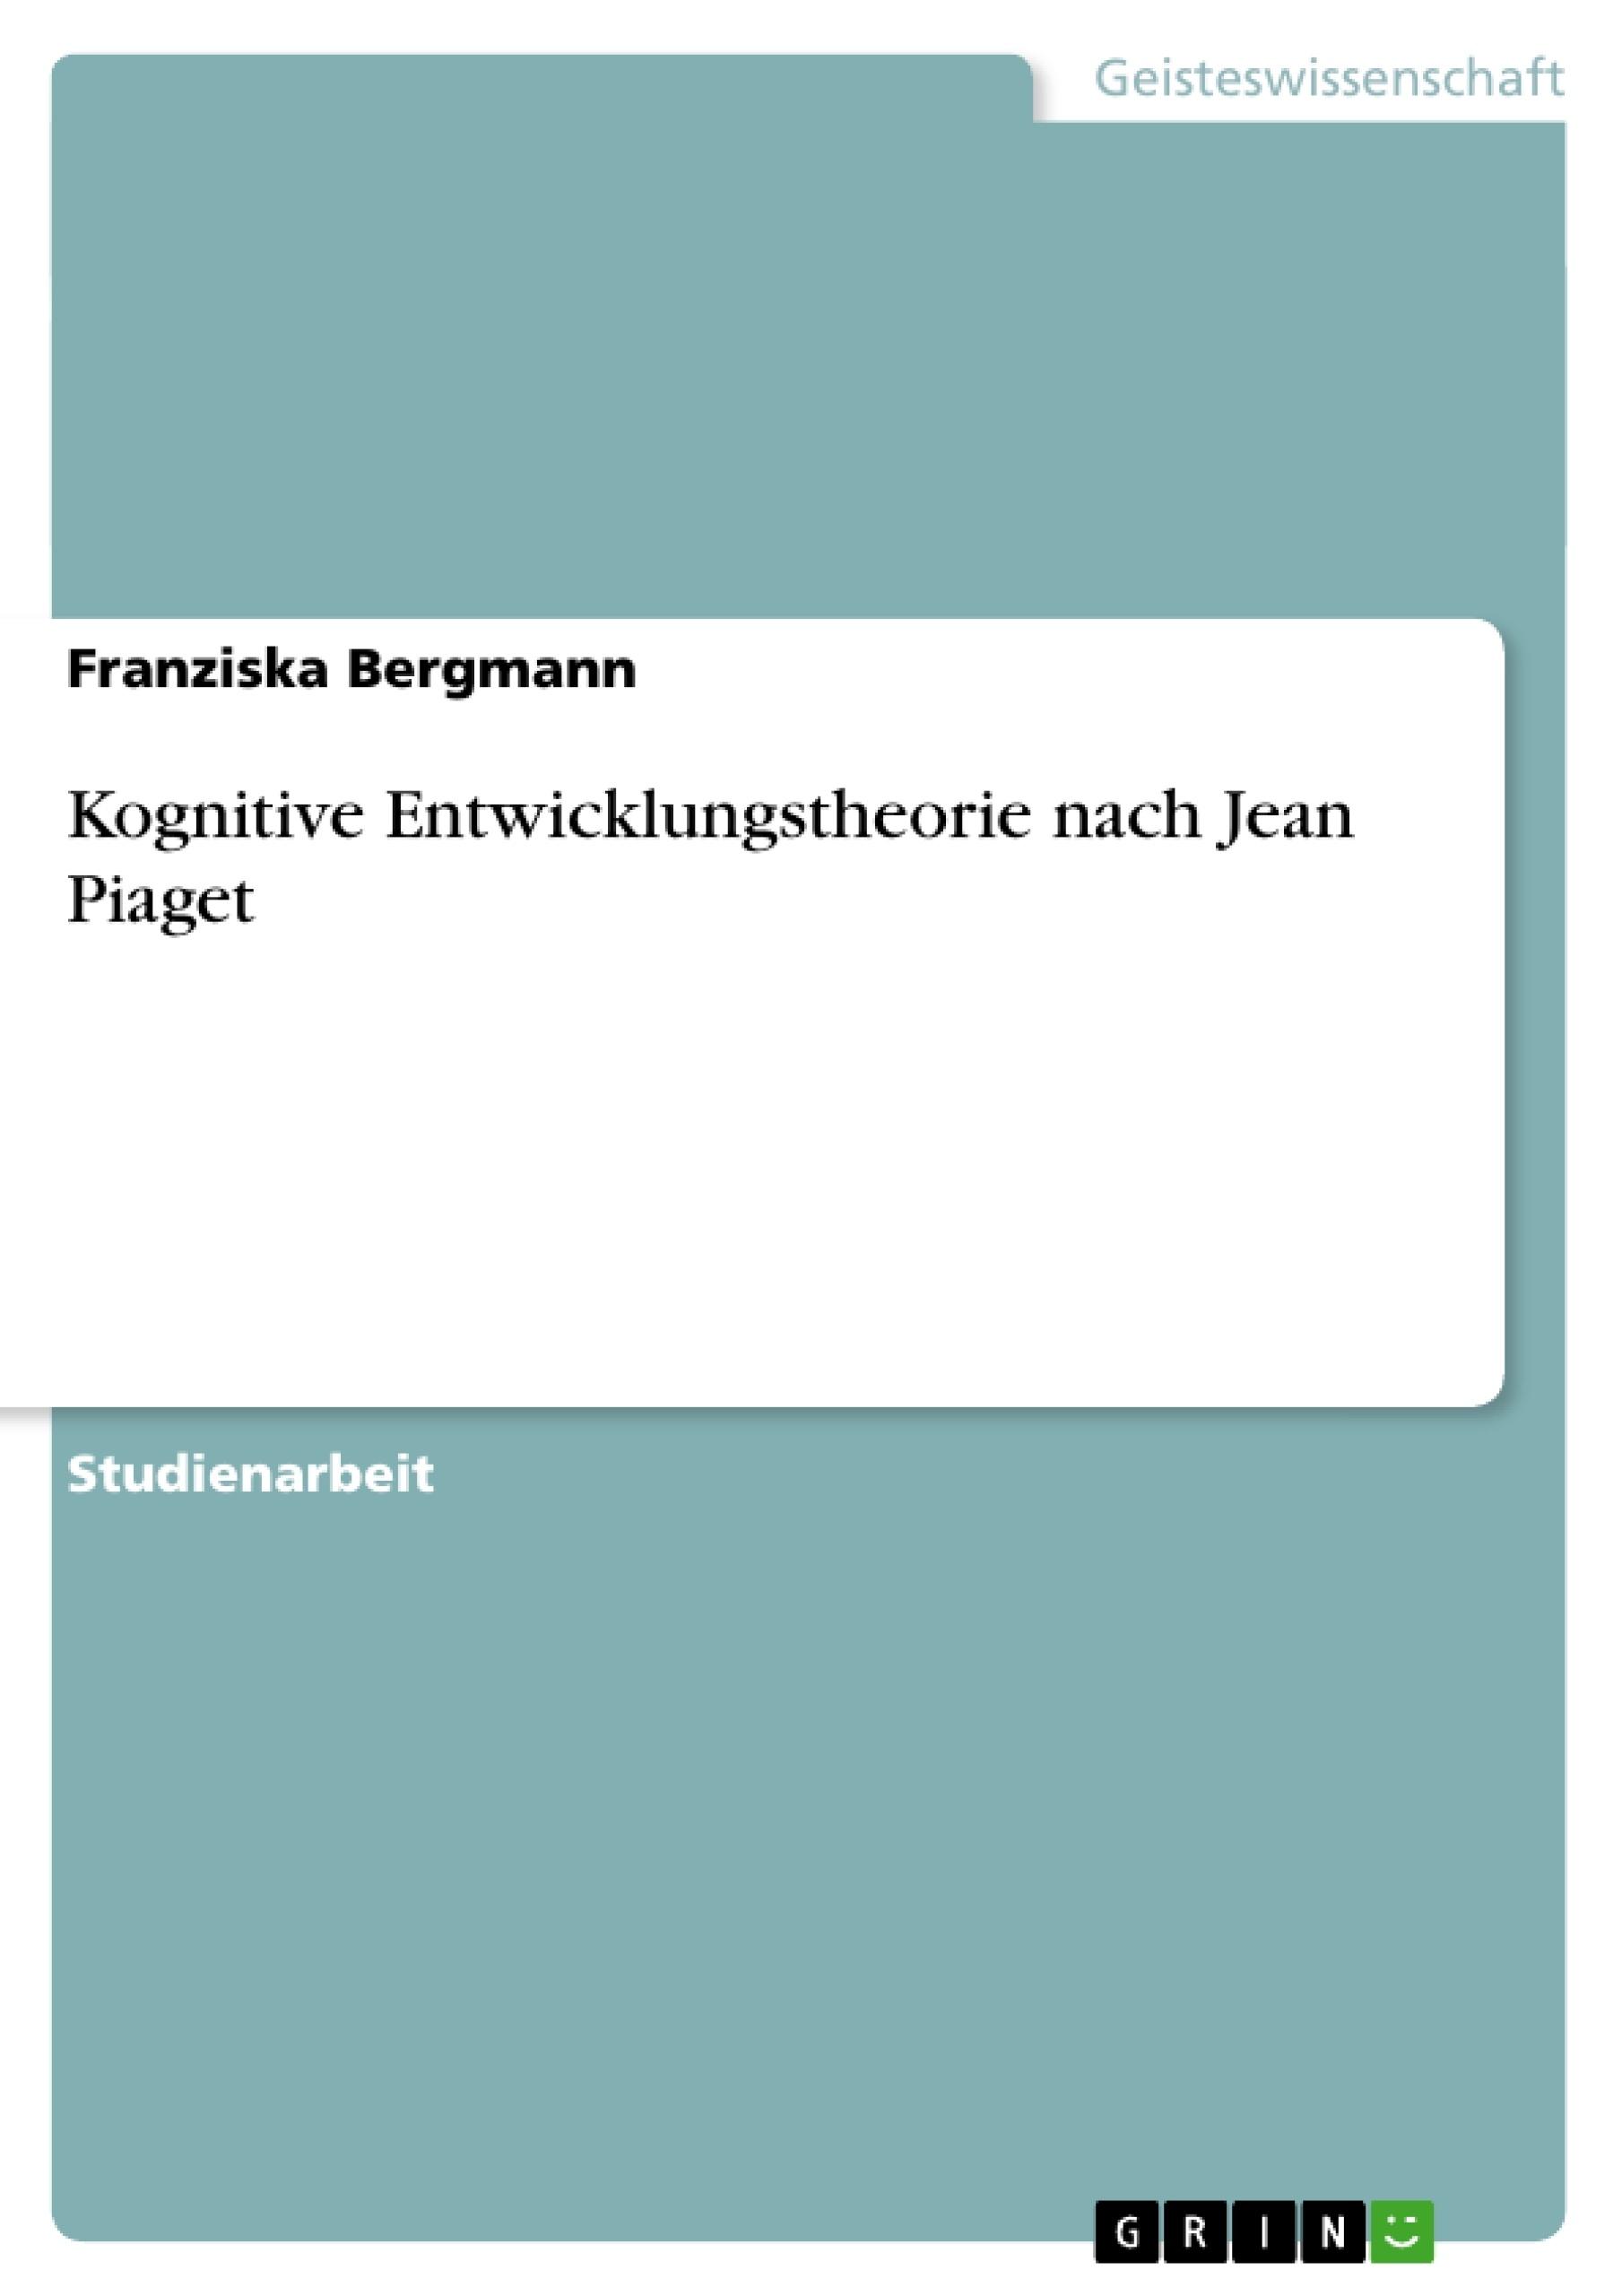 Titel: Kognitive Entwicklungstheorie nach Jean Piaget